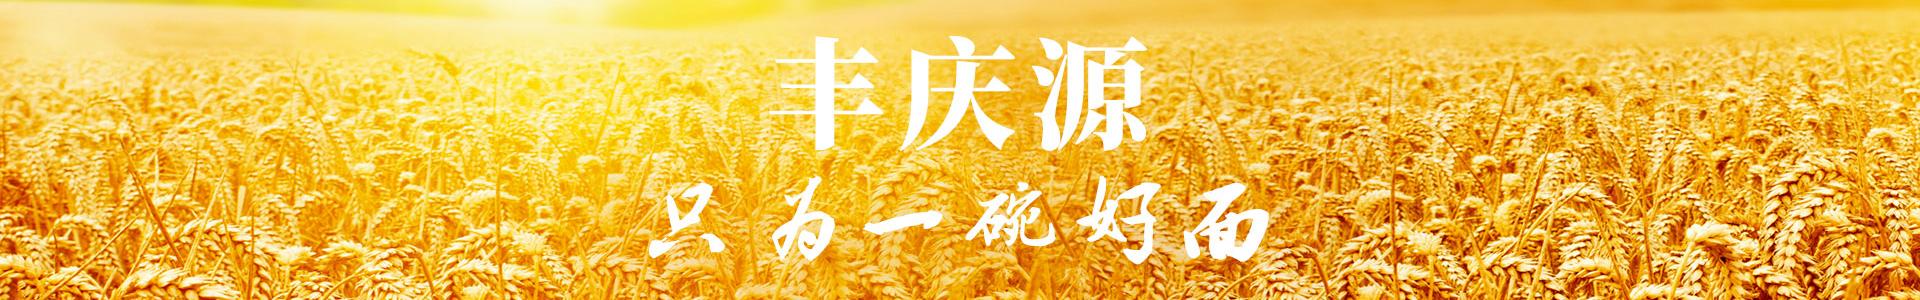 万博manbetx官方app万博最新版本下载批发